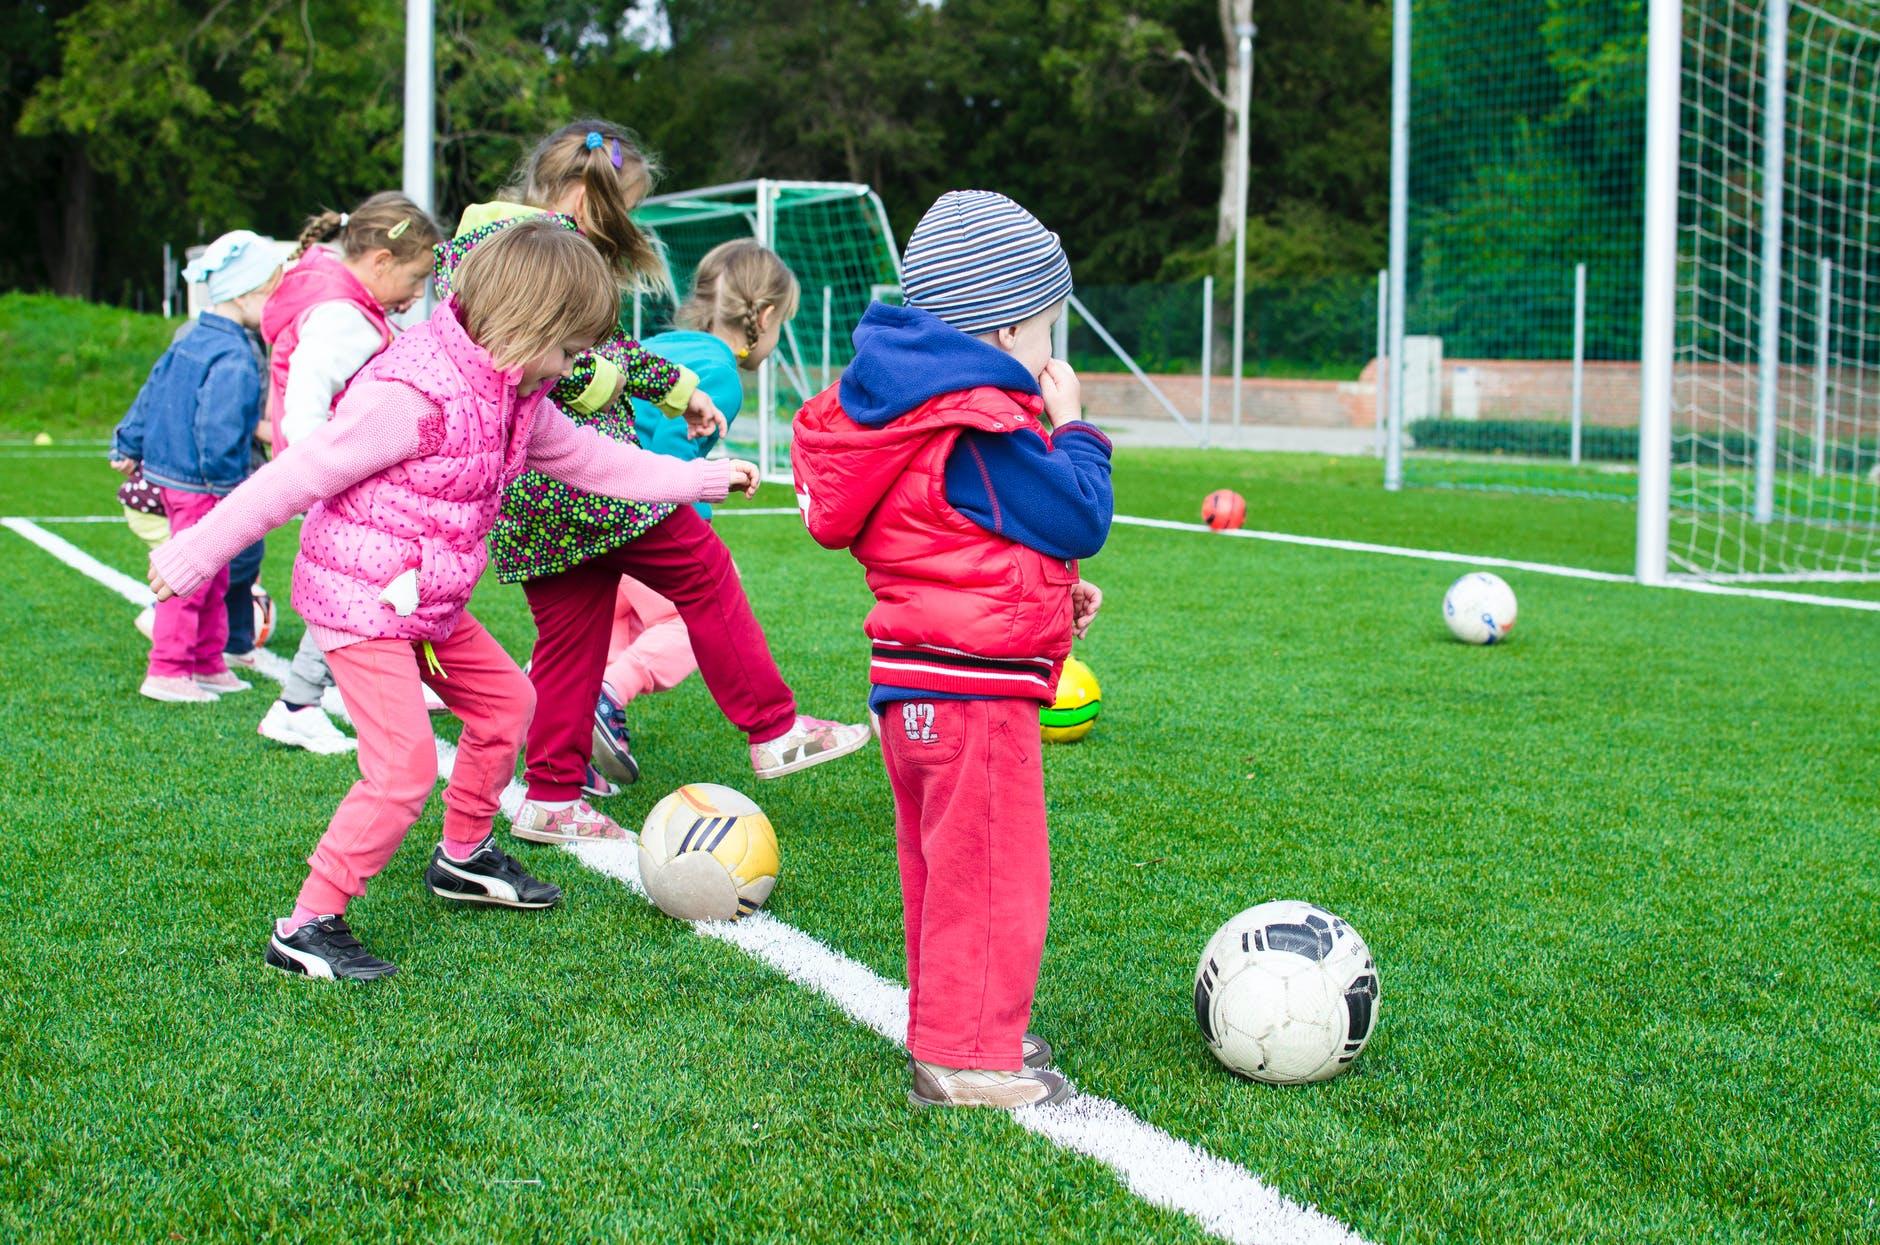 toddler playing soccer